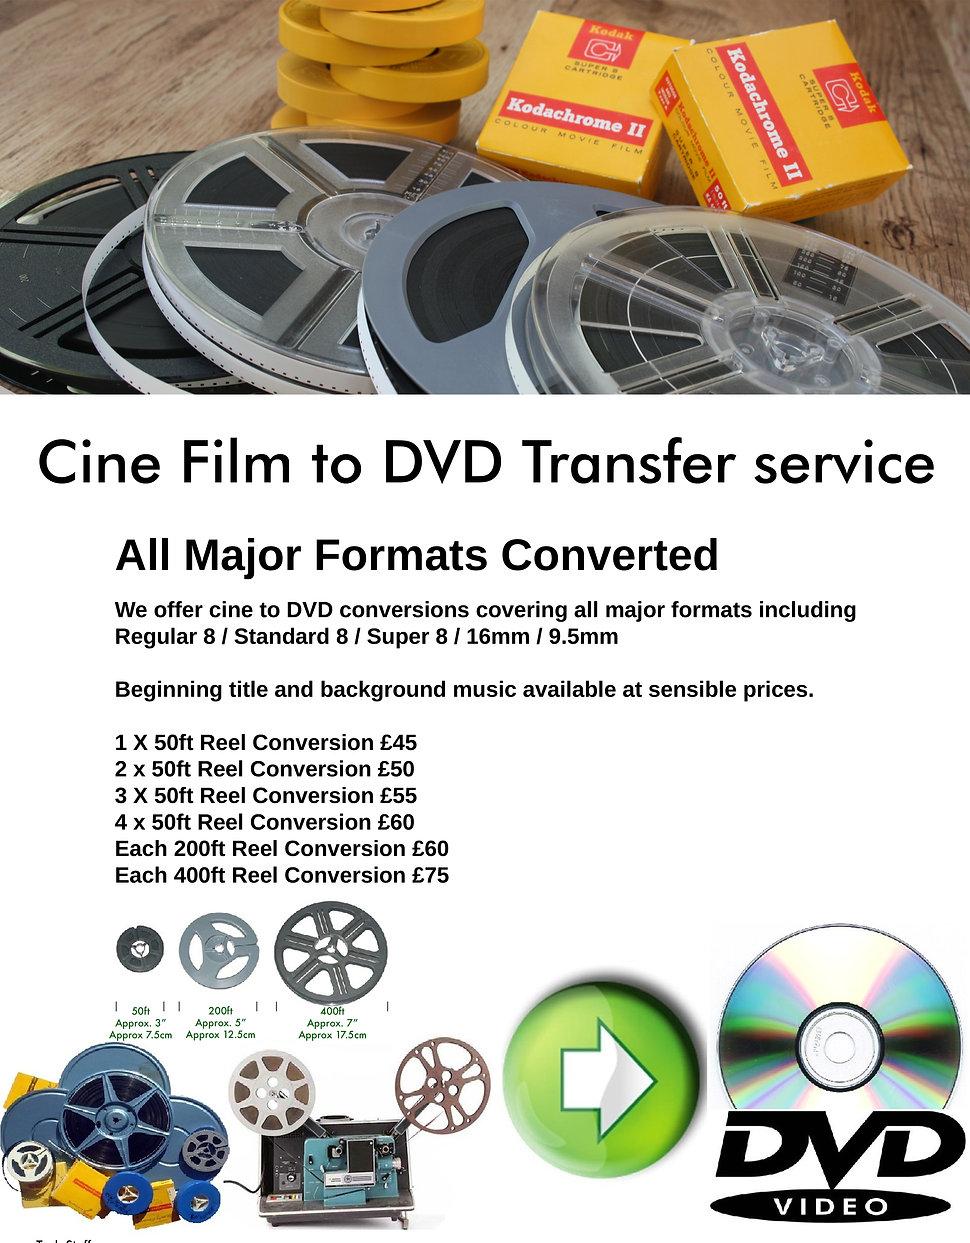 CINE TO DVD WINDOW BANNER.jpg